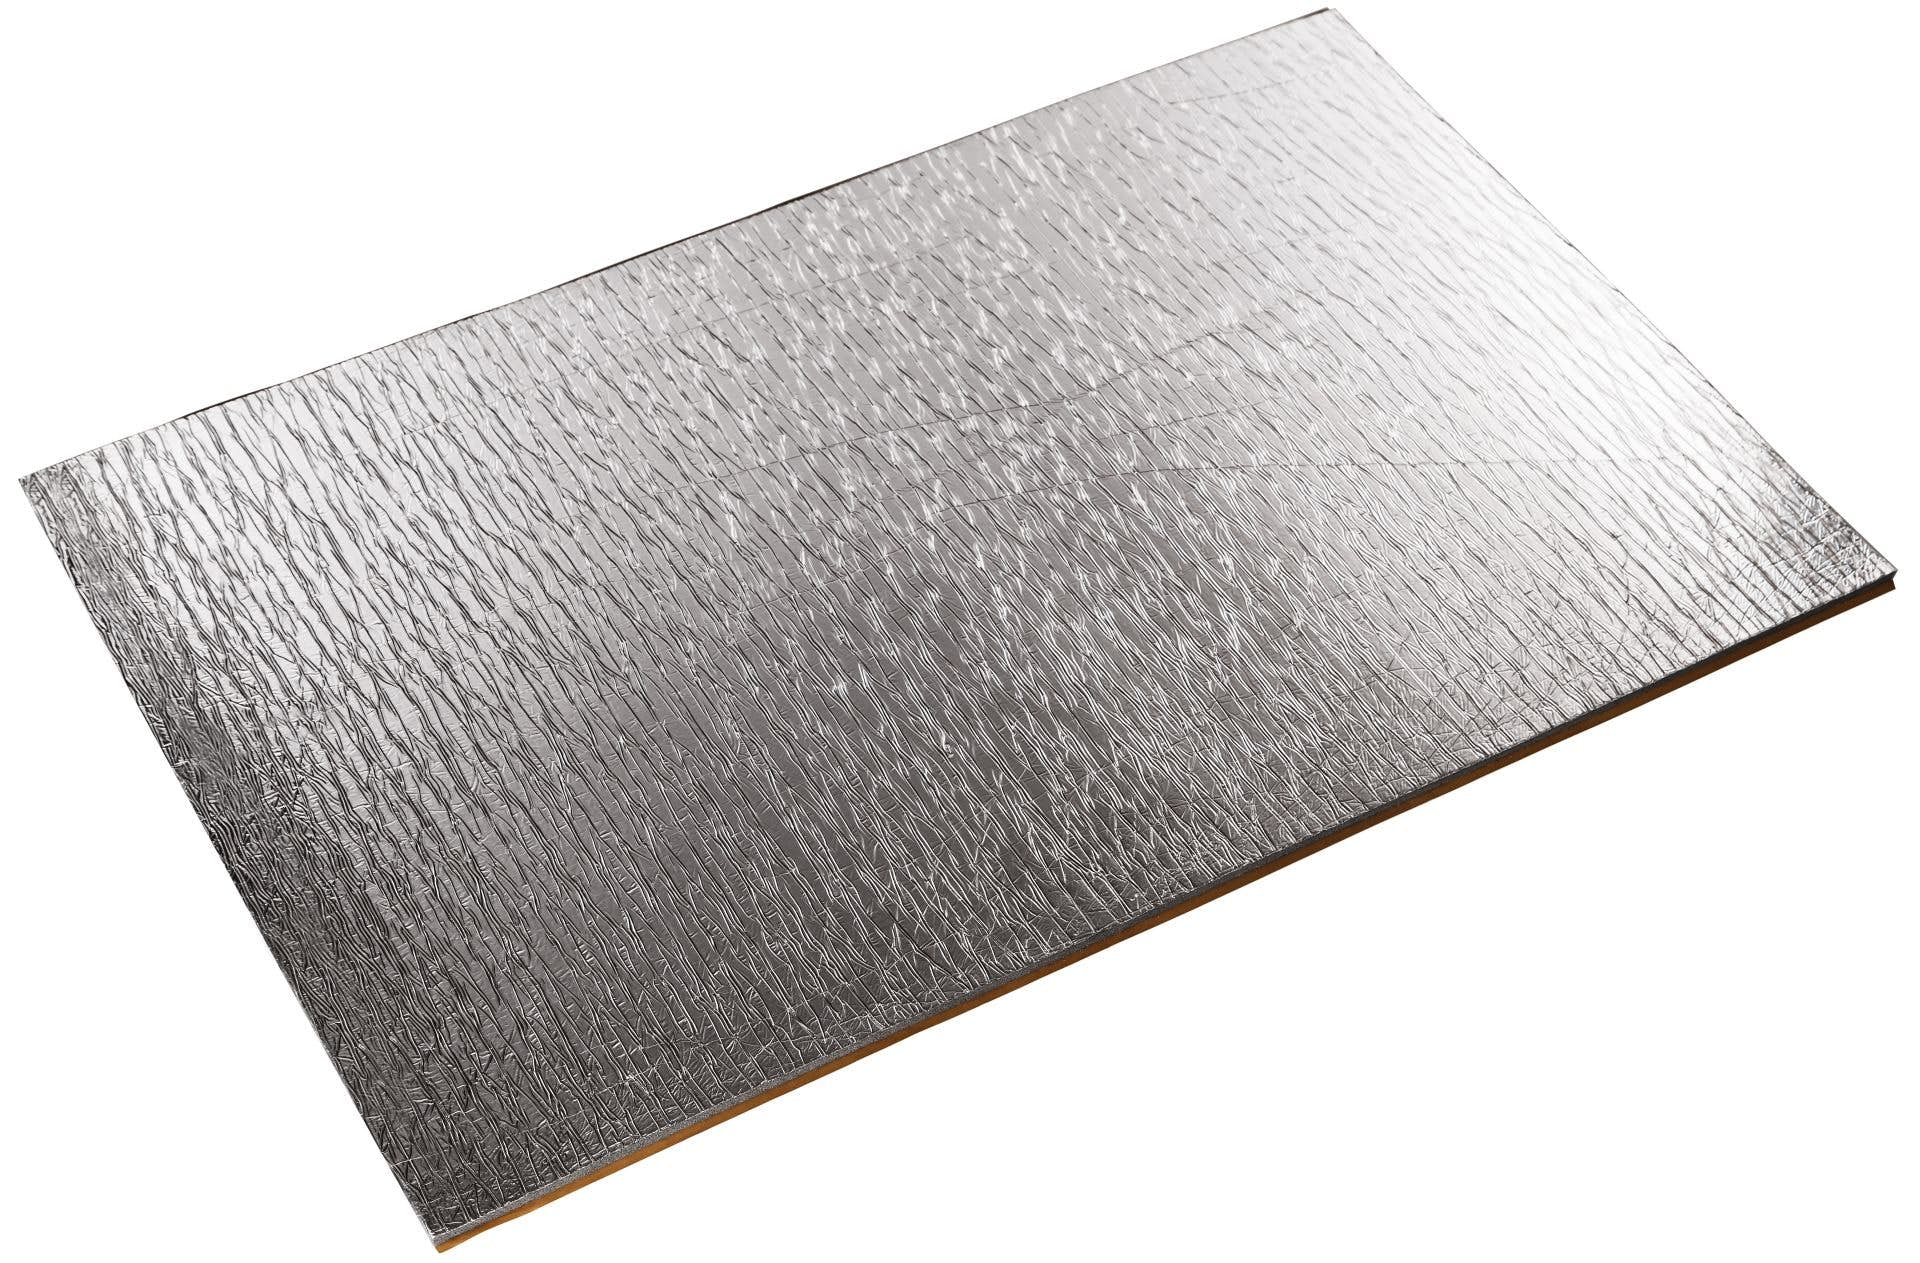 Izolacija CTK Soft Metal - izolacija za pokrov motorja